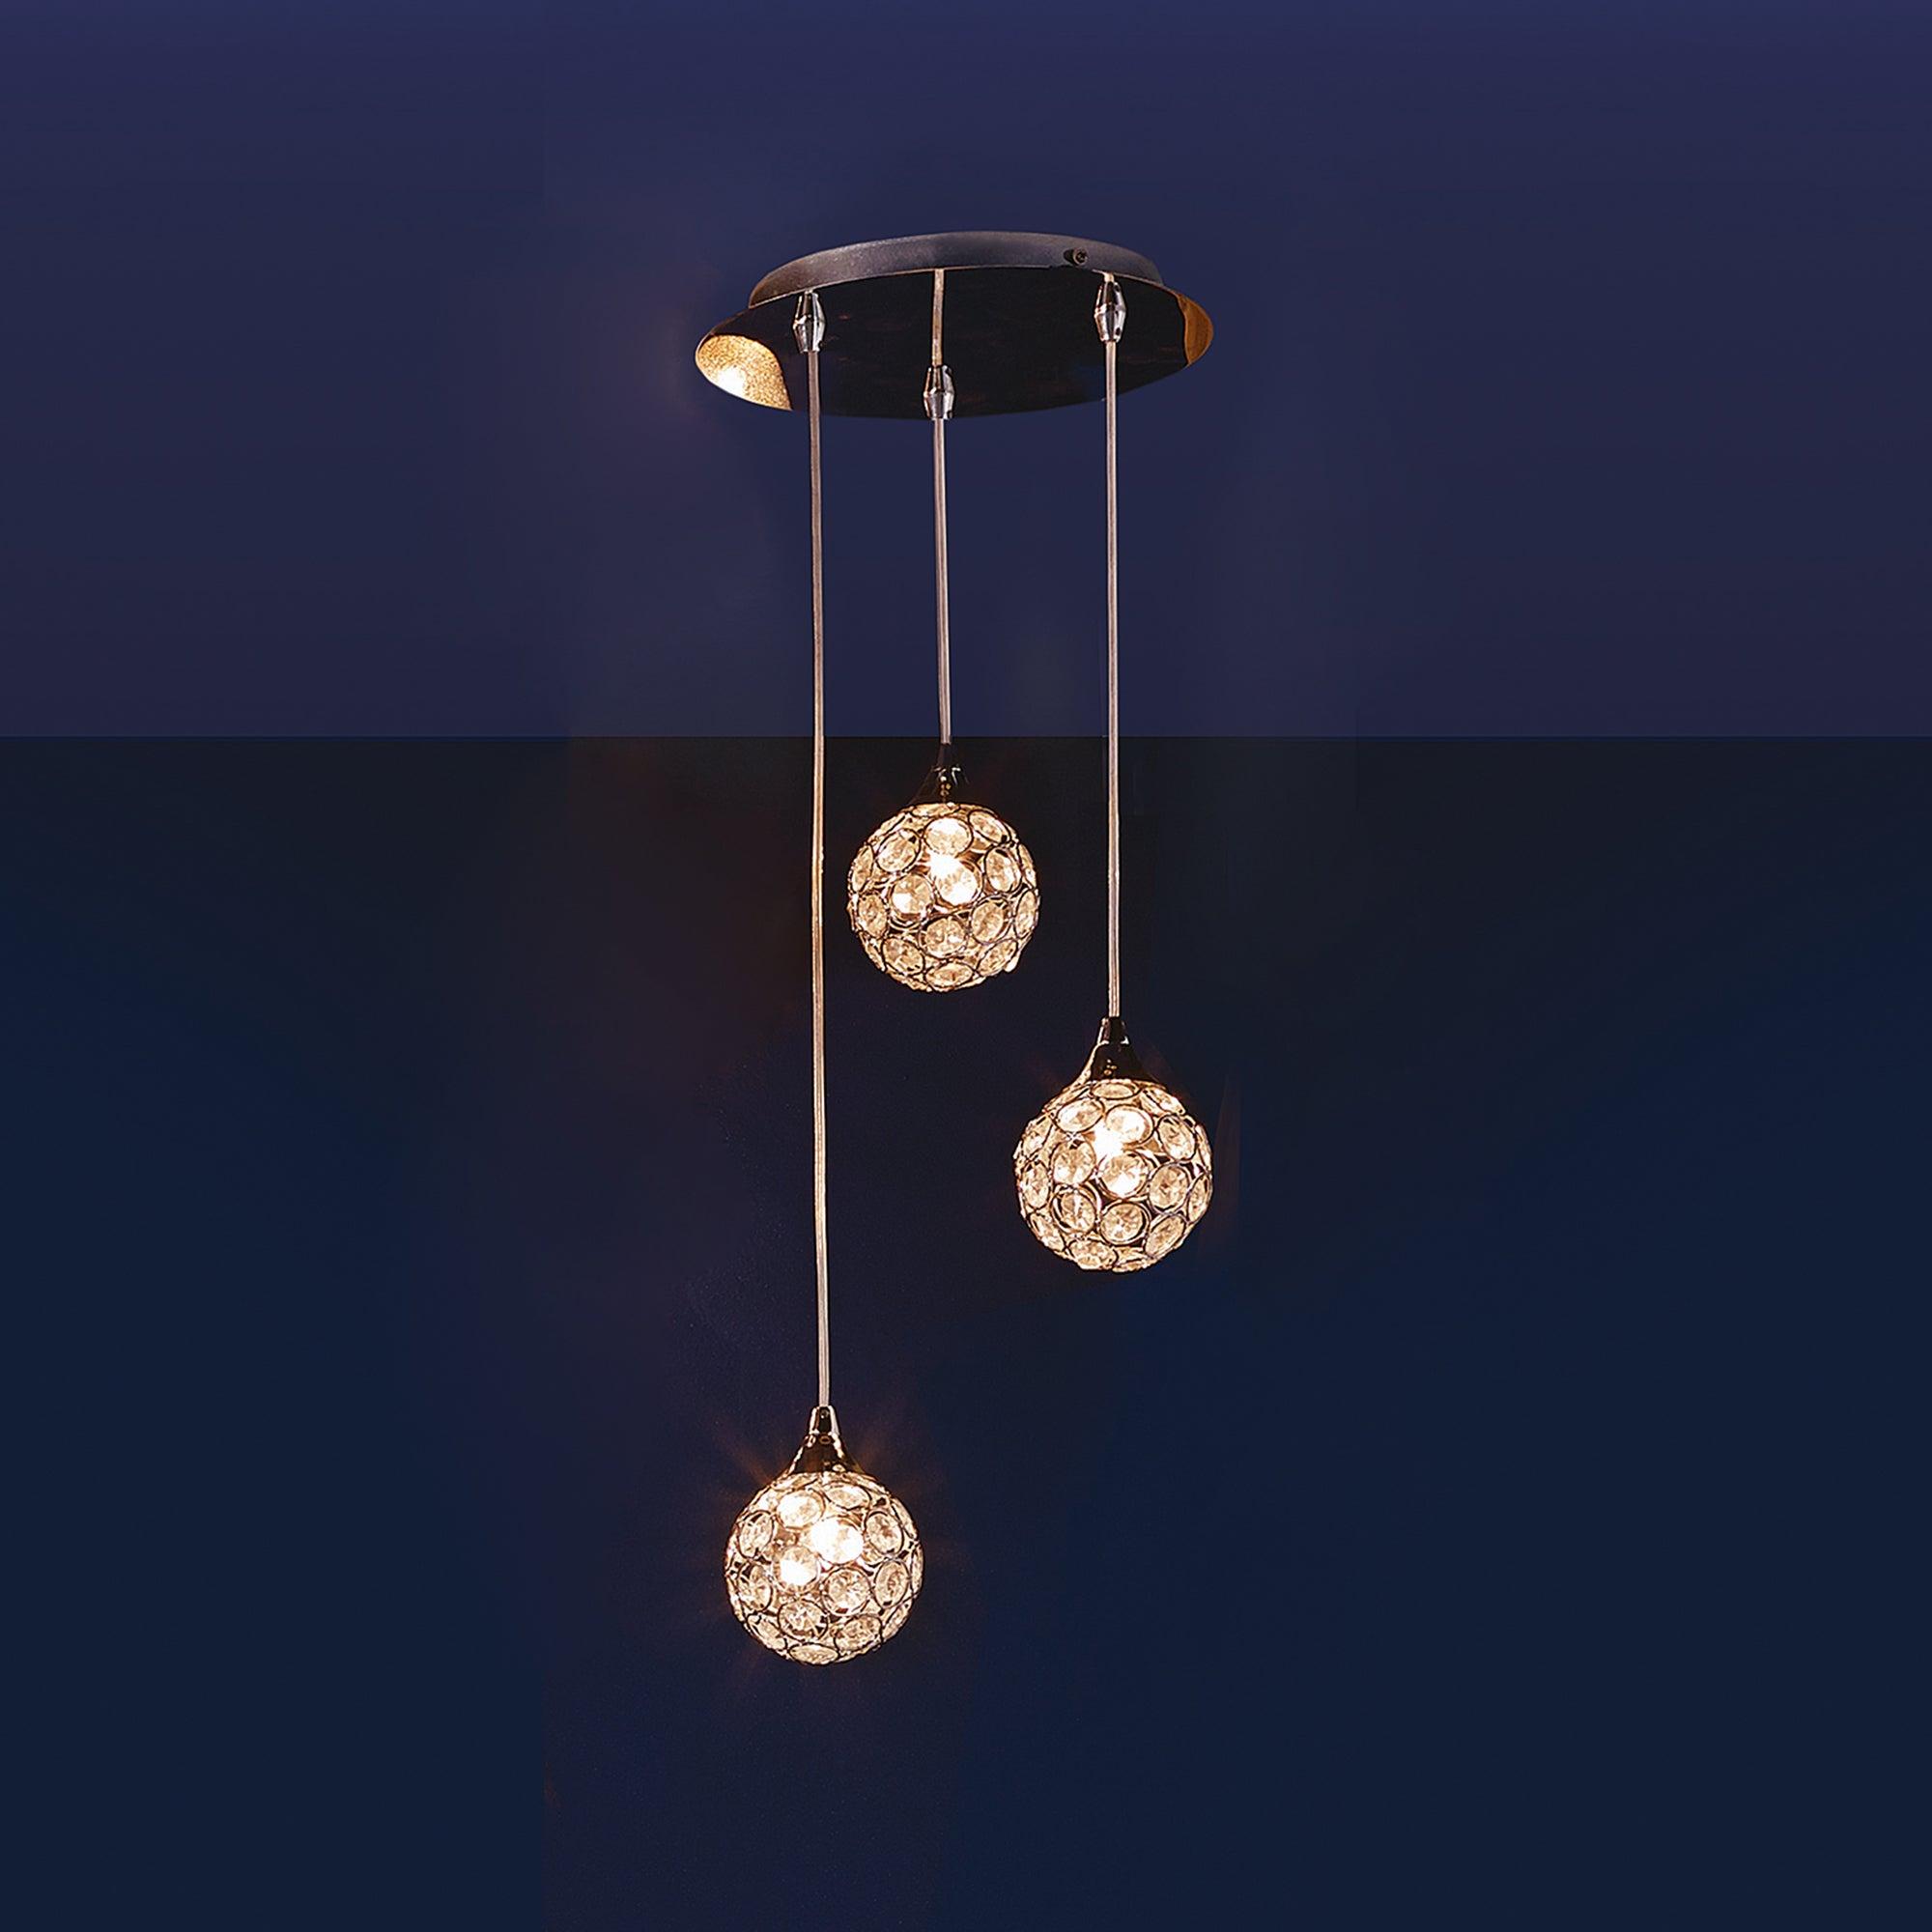 Sphere 3 Light Cluster Fitting